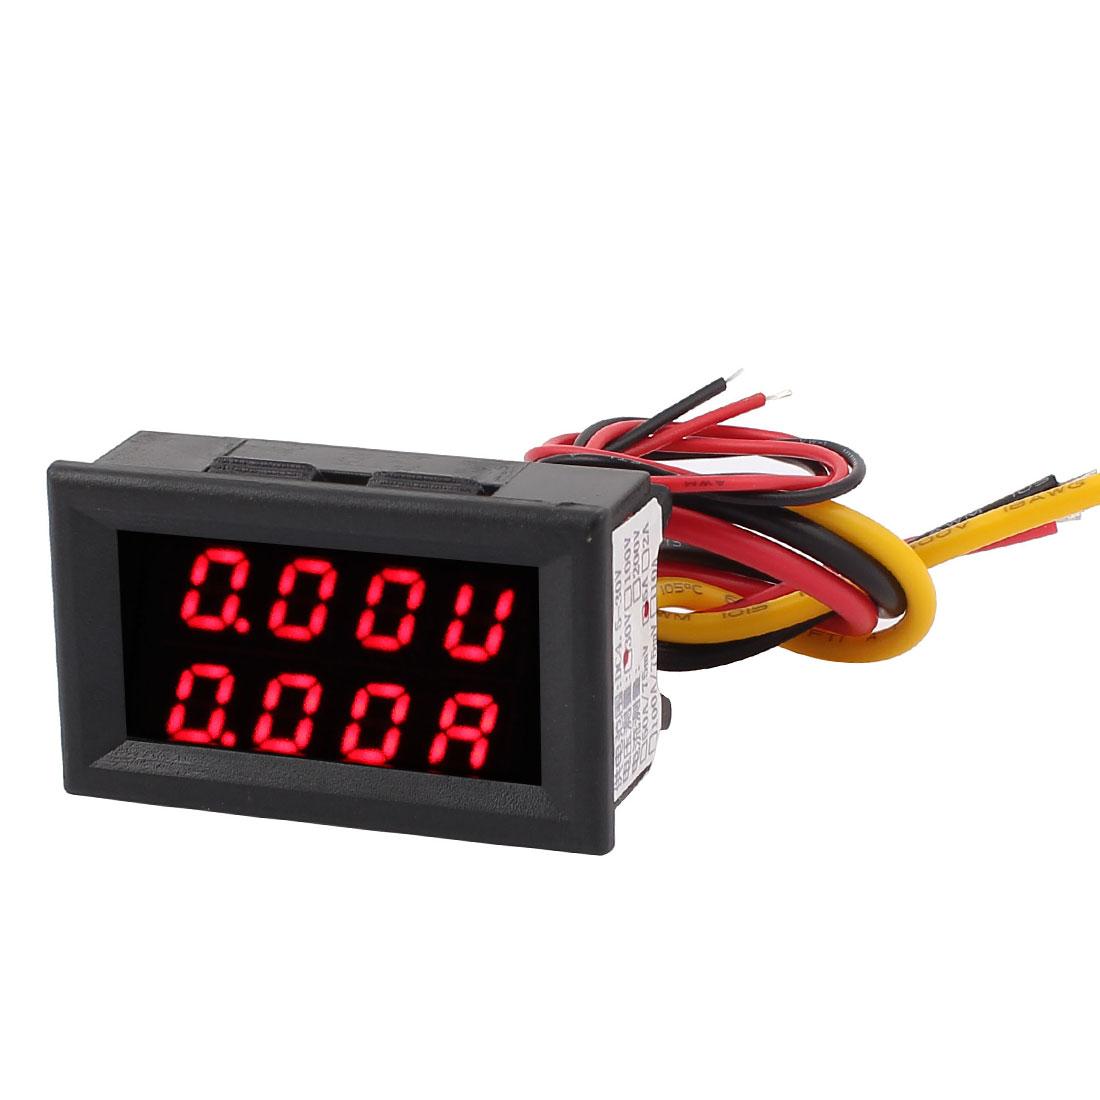 DC 0-30V 0-5A Red Red LED Dual Digital Display Panel Voltmeter Ammeter Meter